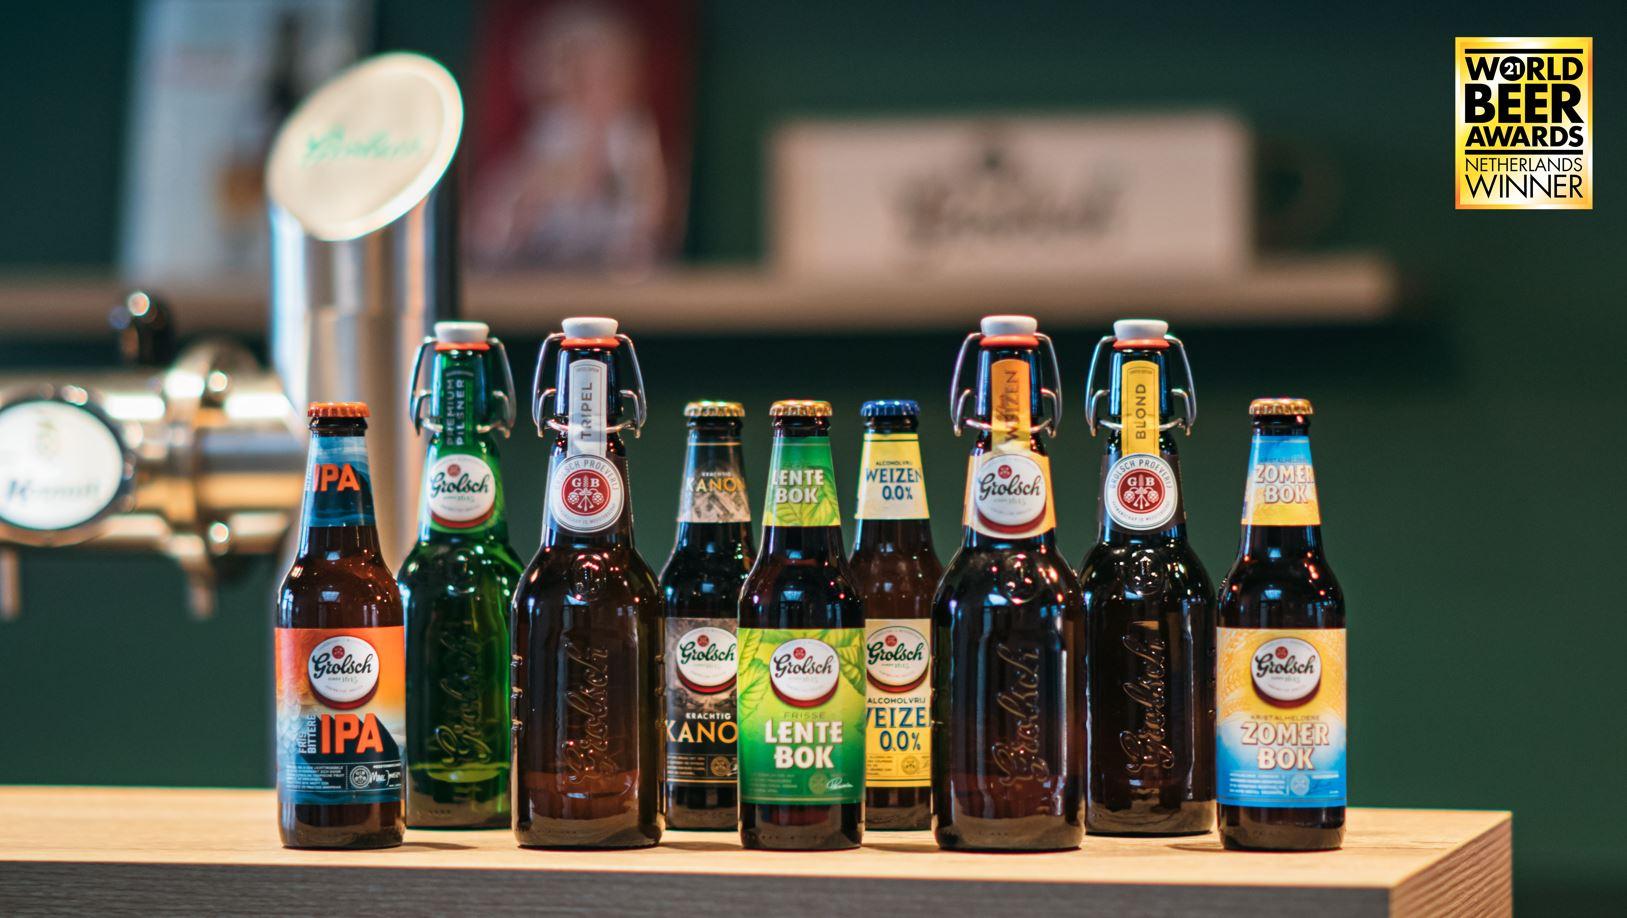 Grolsch valt negen keer in de prijzen bij de World Beer Awards